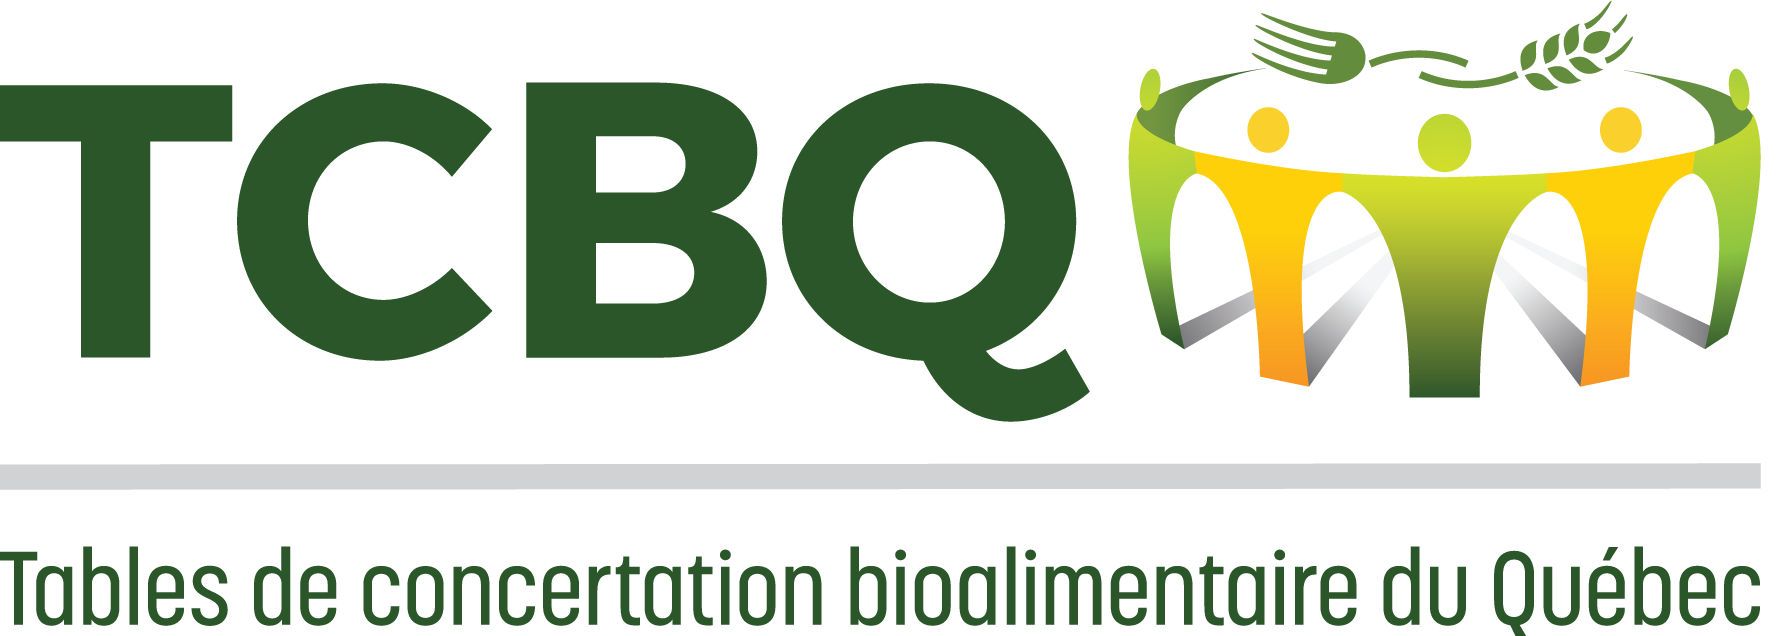 Tables de concertation bioalimentaire du Québec